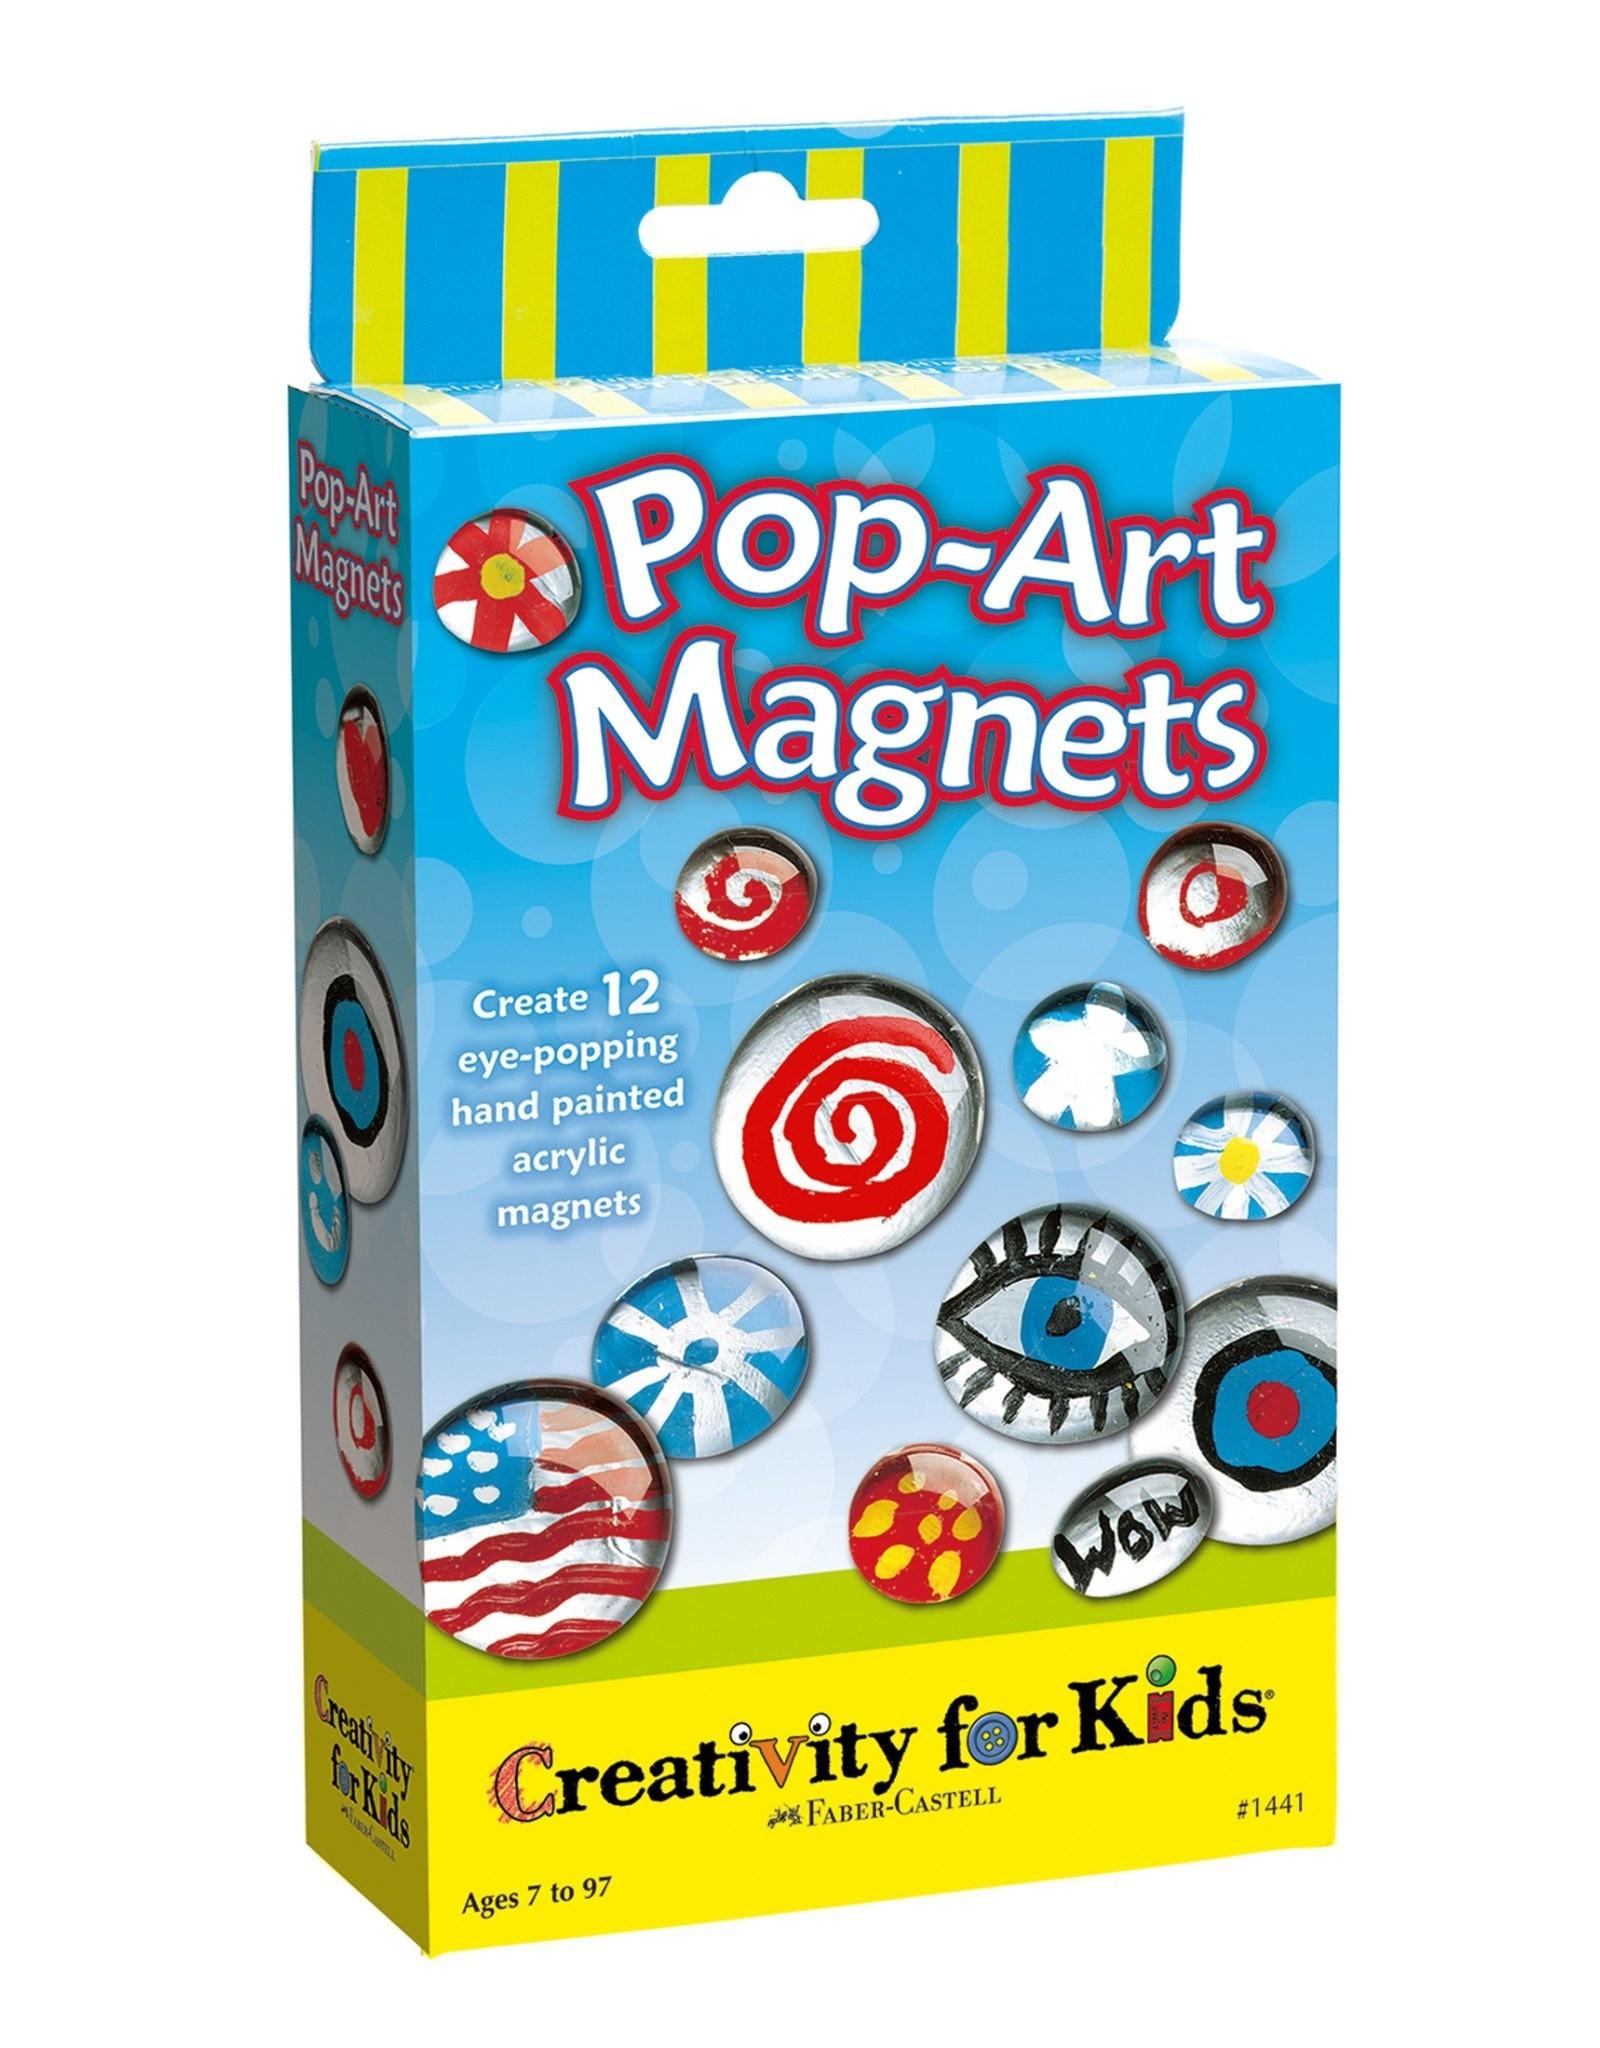 Faber Castell Pop-Art Magnets